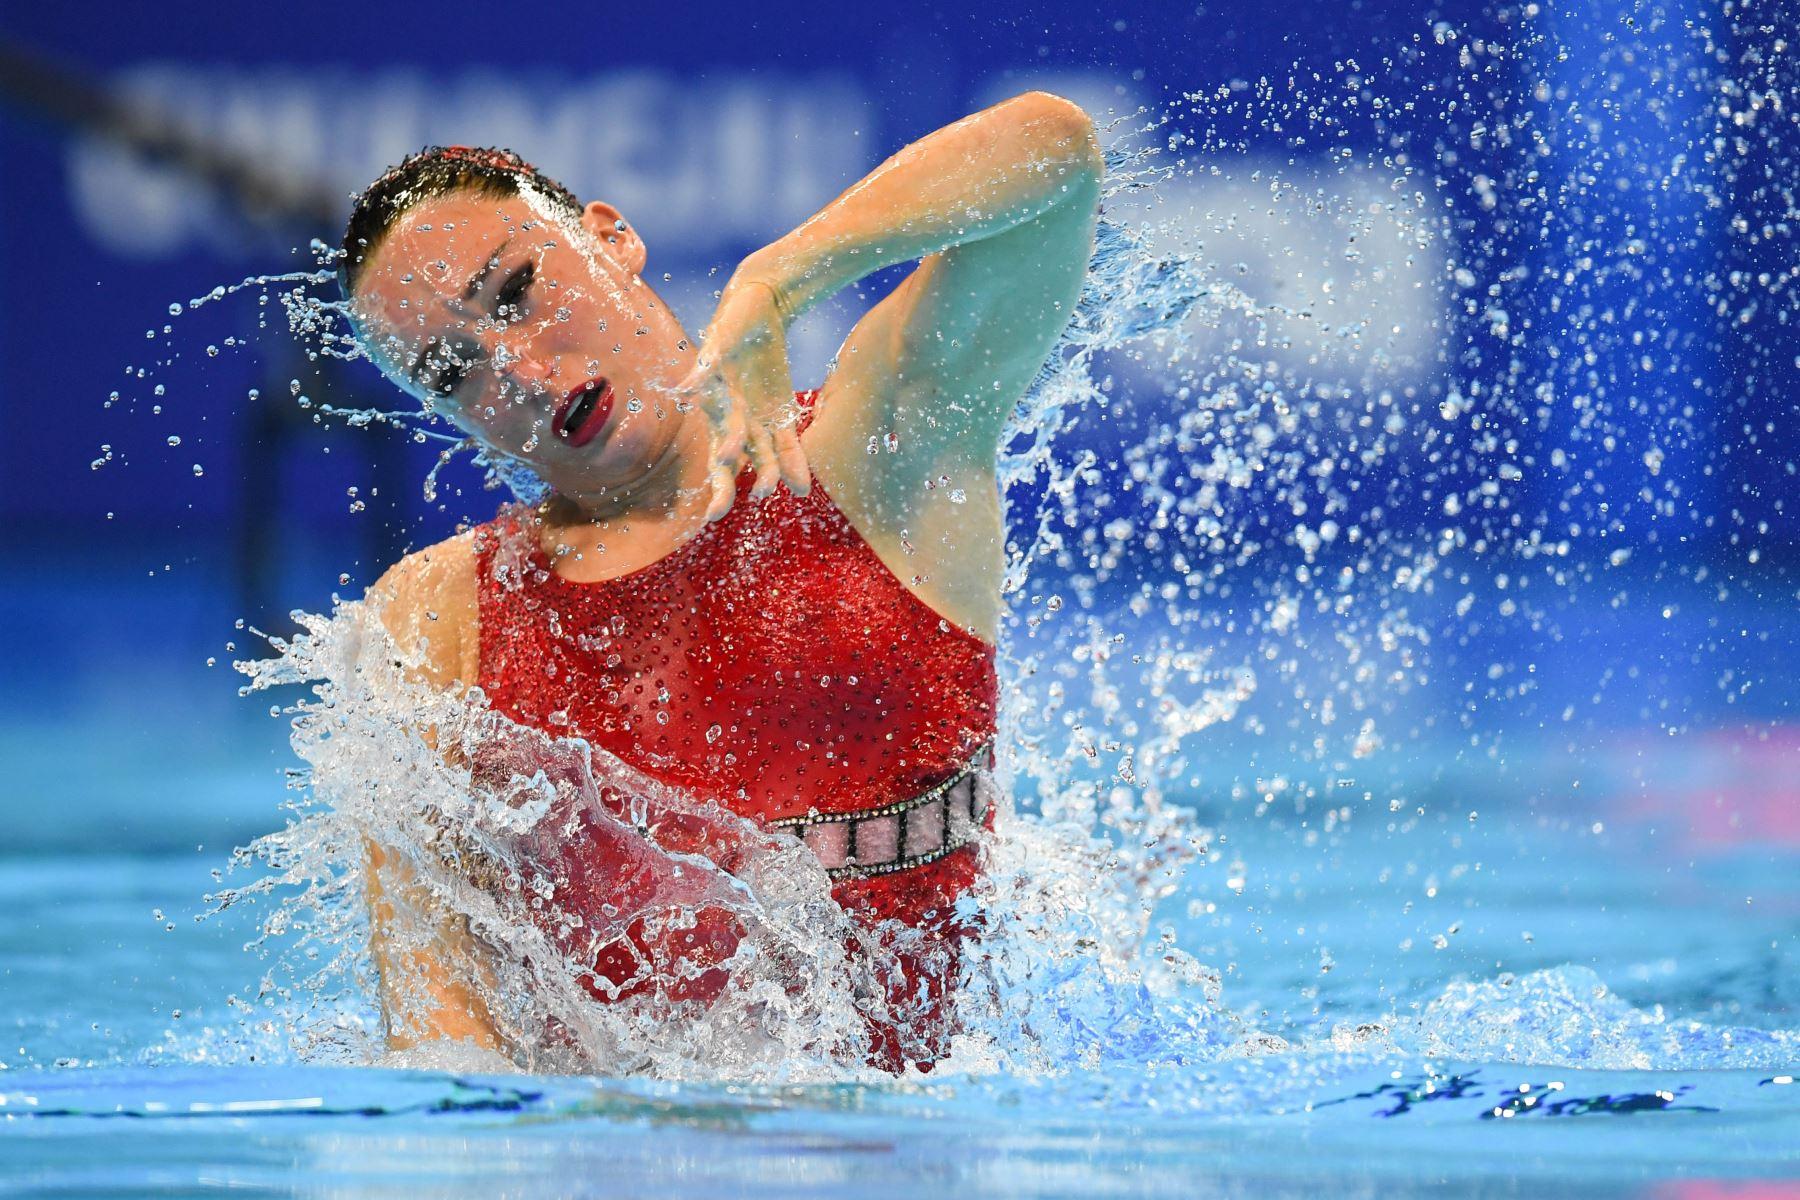 Defne Bakirci de Turquía compite en el evento de natación técnica artística en solitario durante el Campeonato Mundial 2019. Foto: AFP